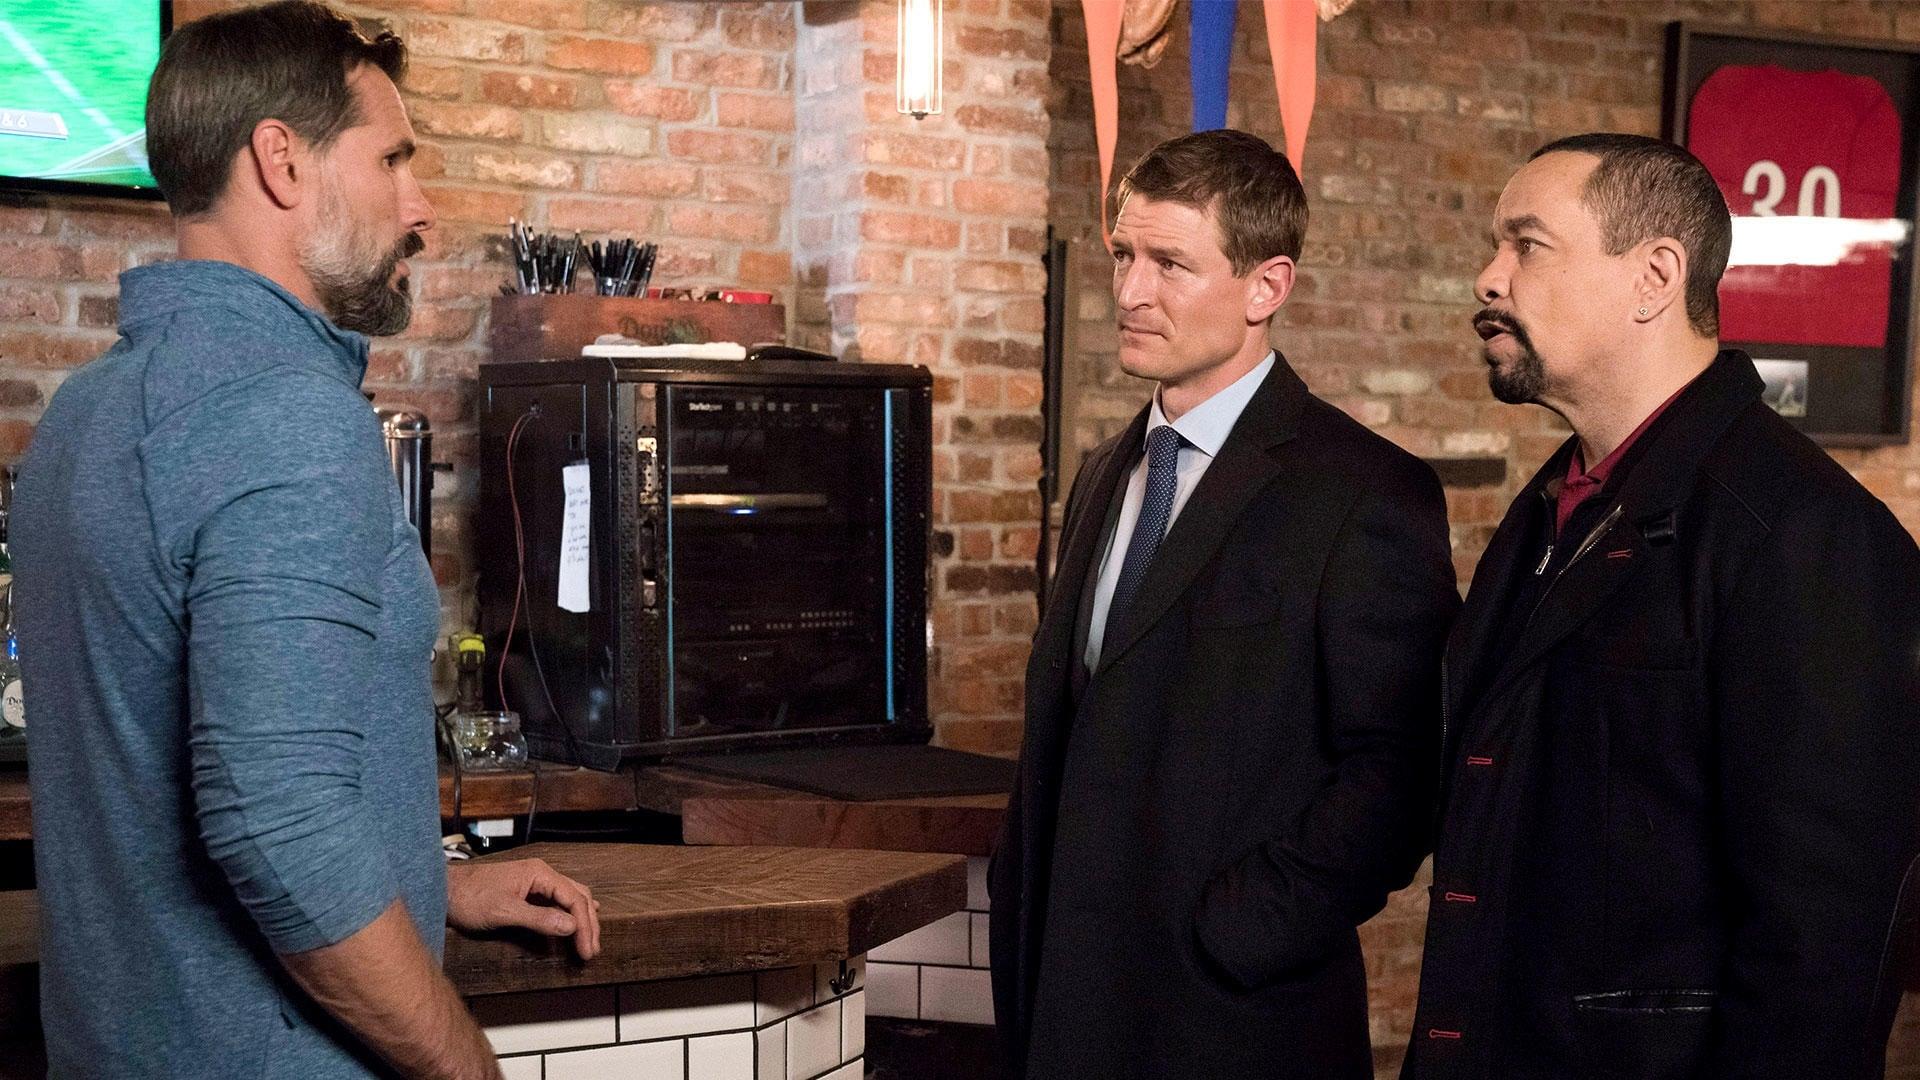 Law & Order: Special Victims Unit Season 20 :Episode 9  Mea Culpa